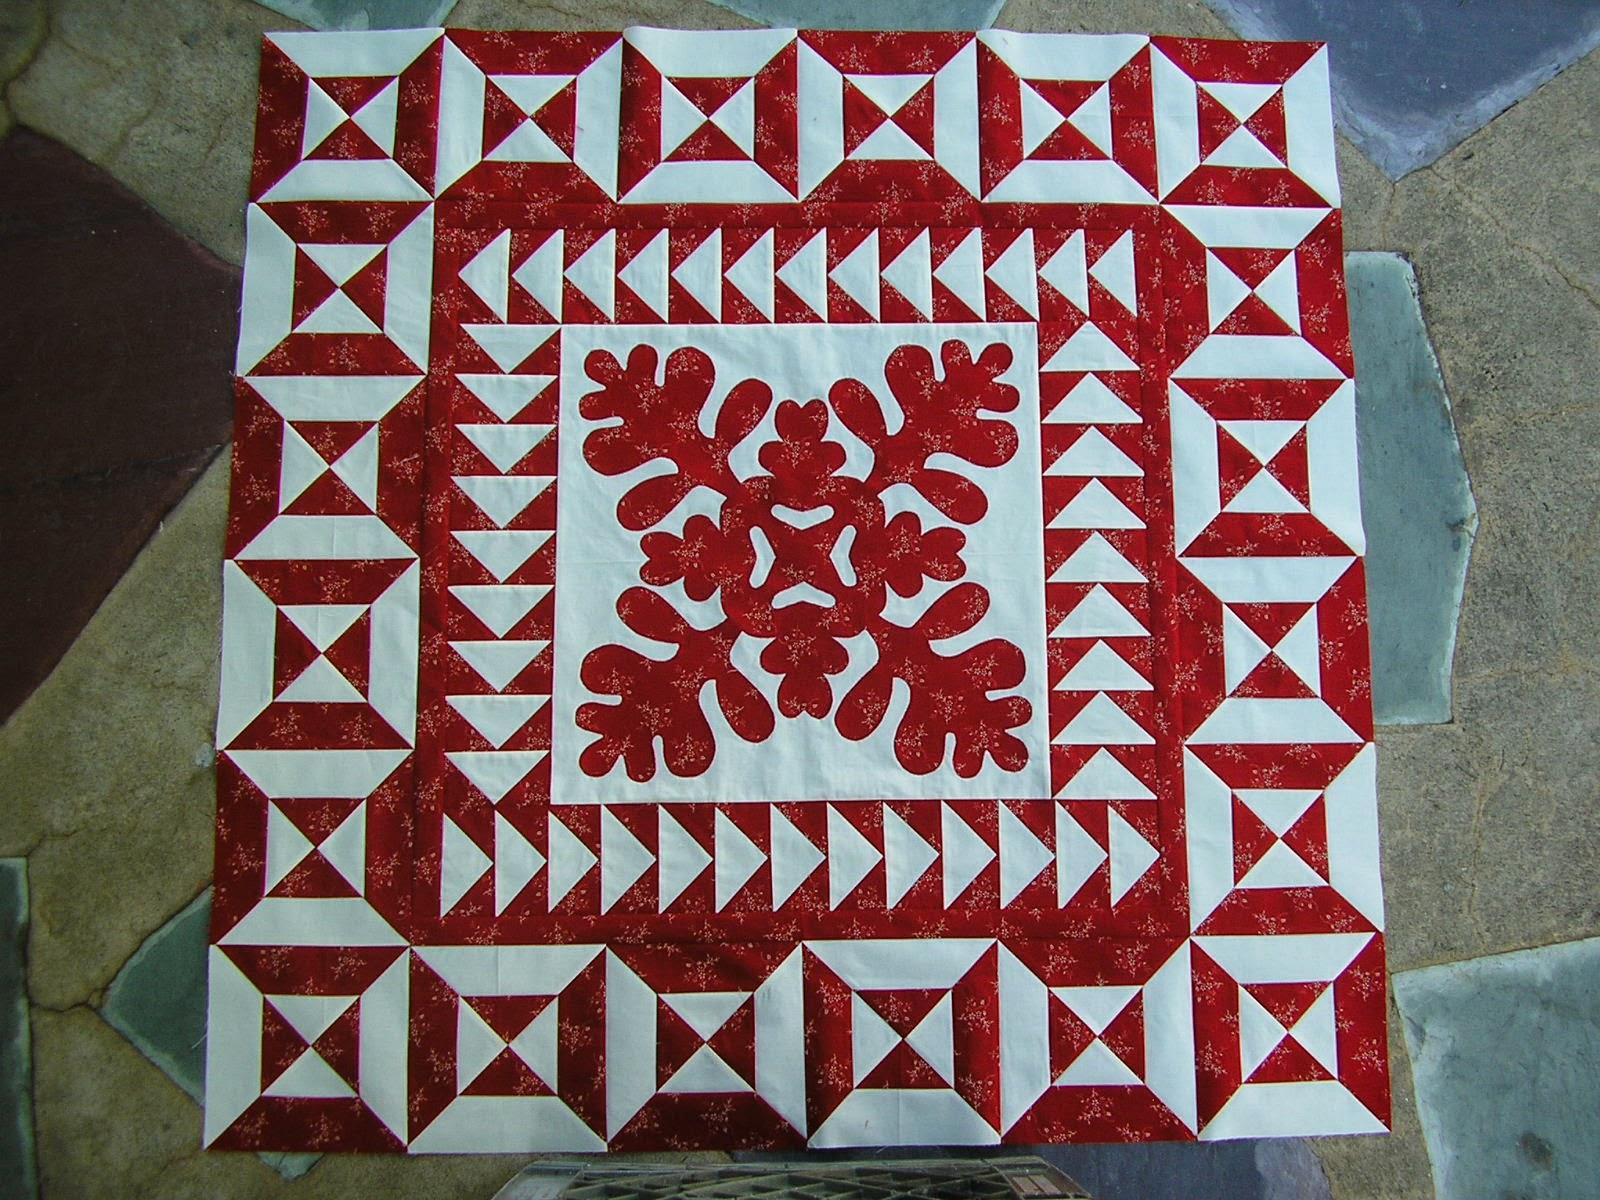 Moosecraftusa Center Stage Quilt